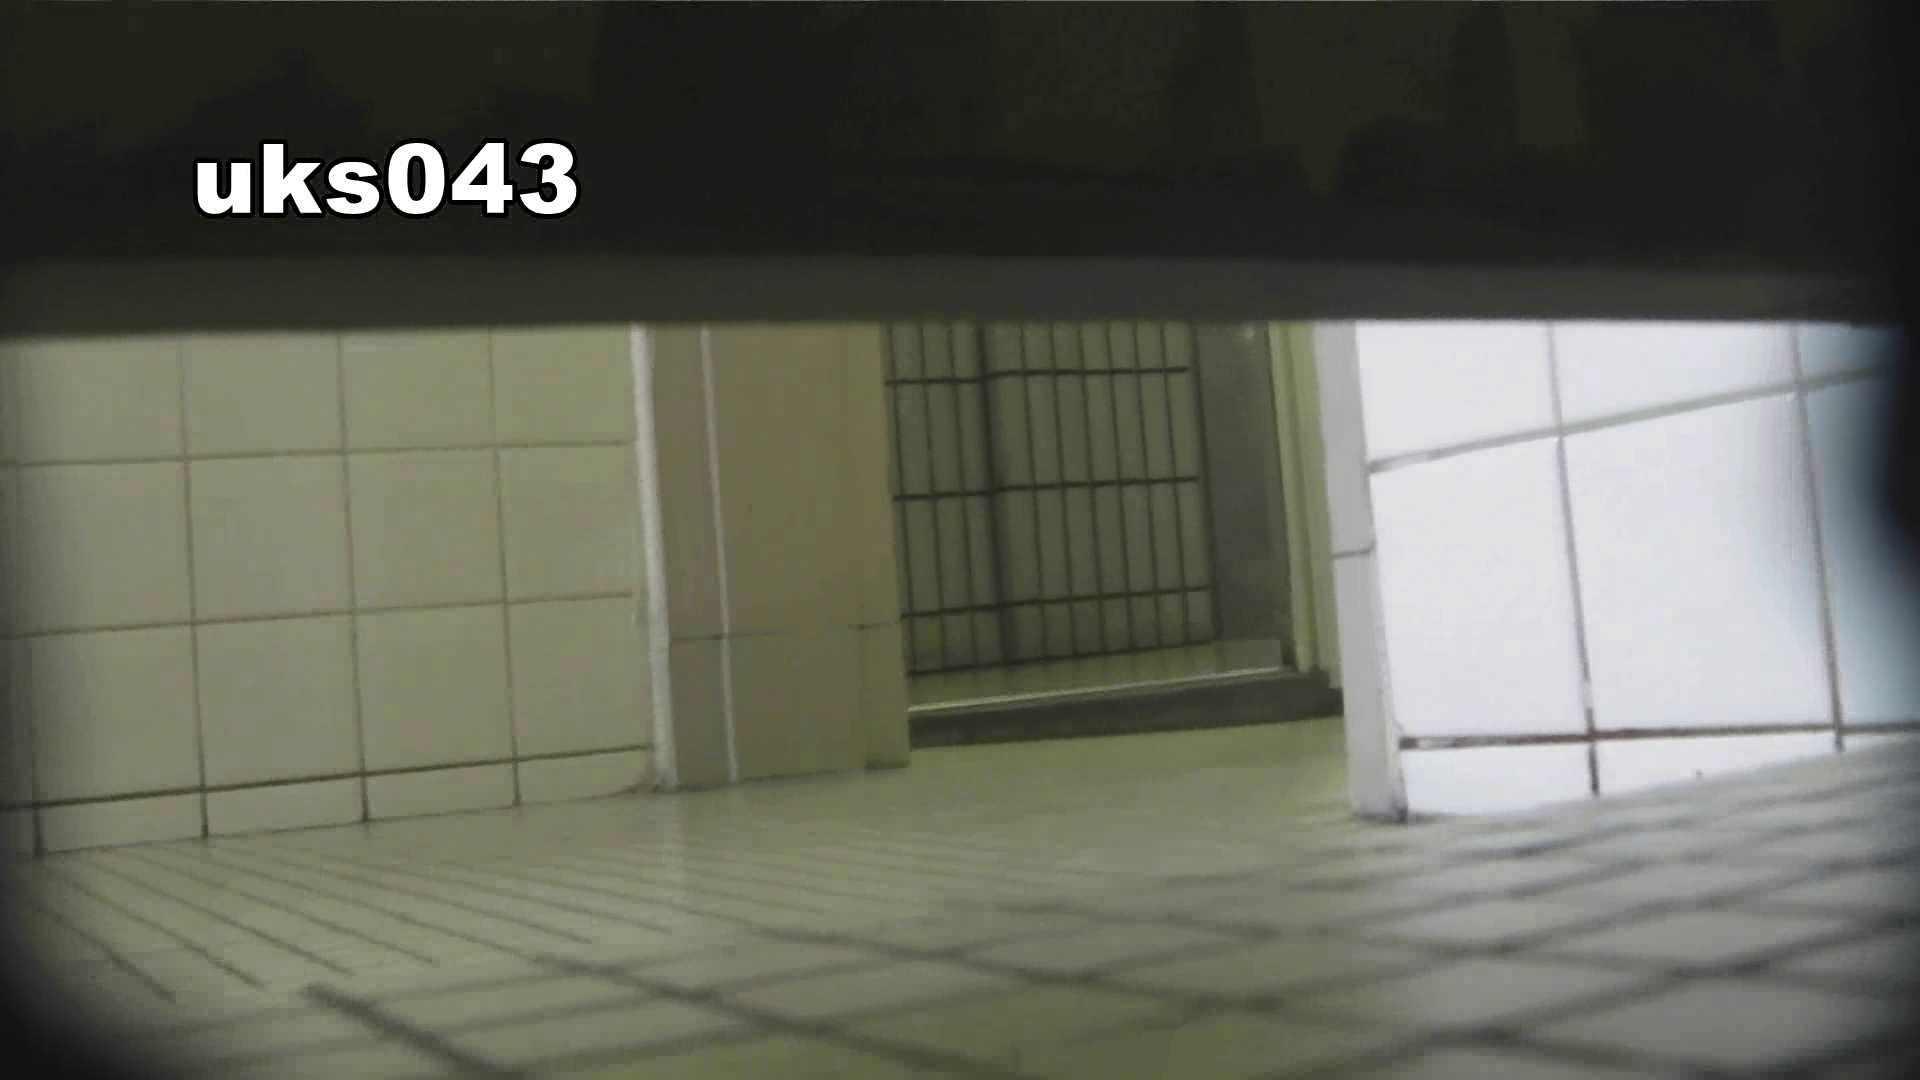 【美しき個室な世界】 vol.043 緊迫状況 OL女体  109連発 10